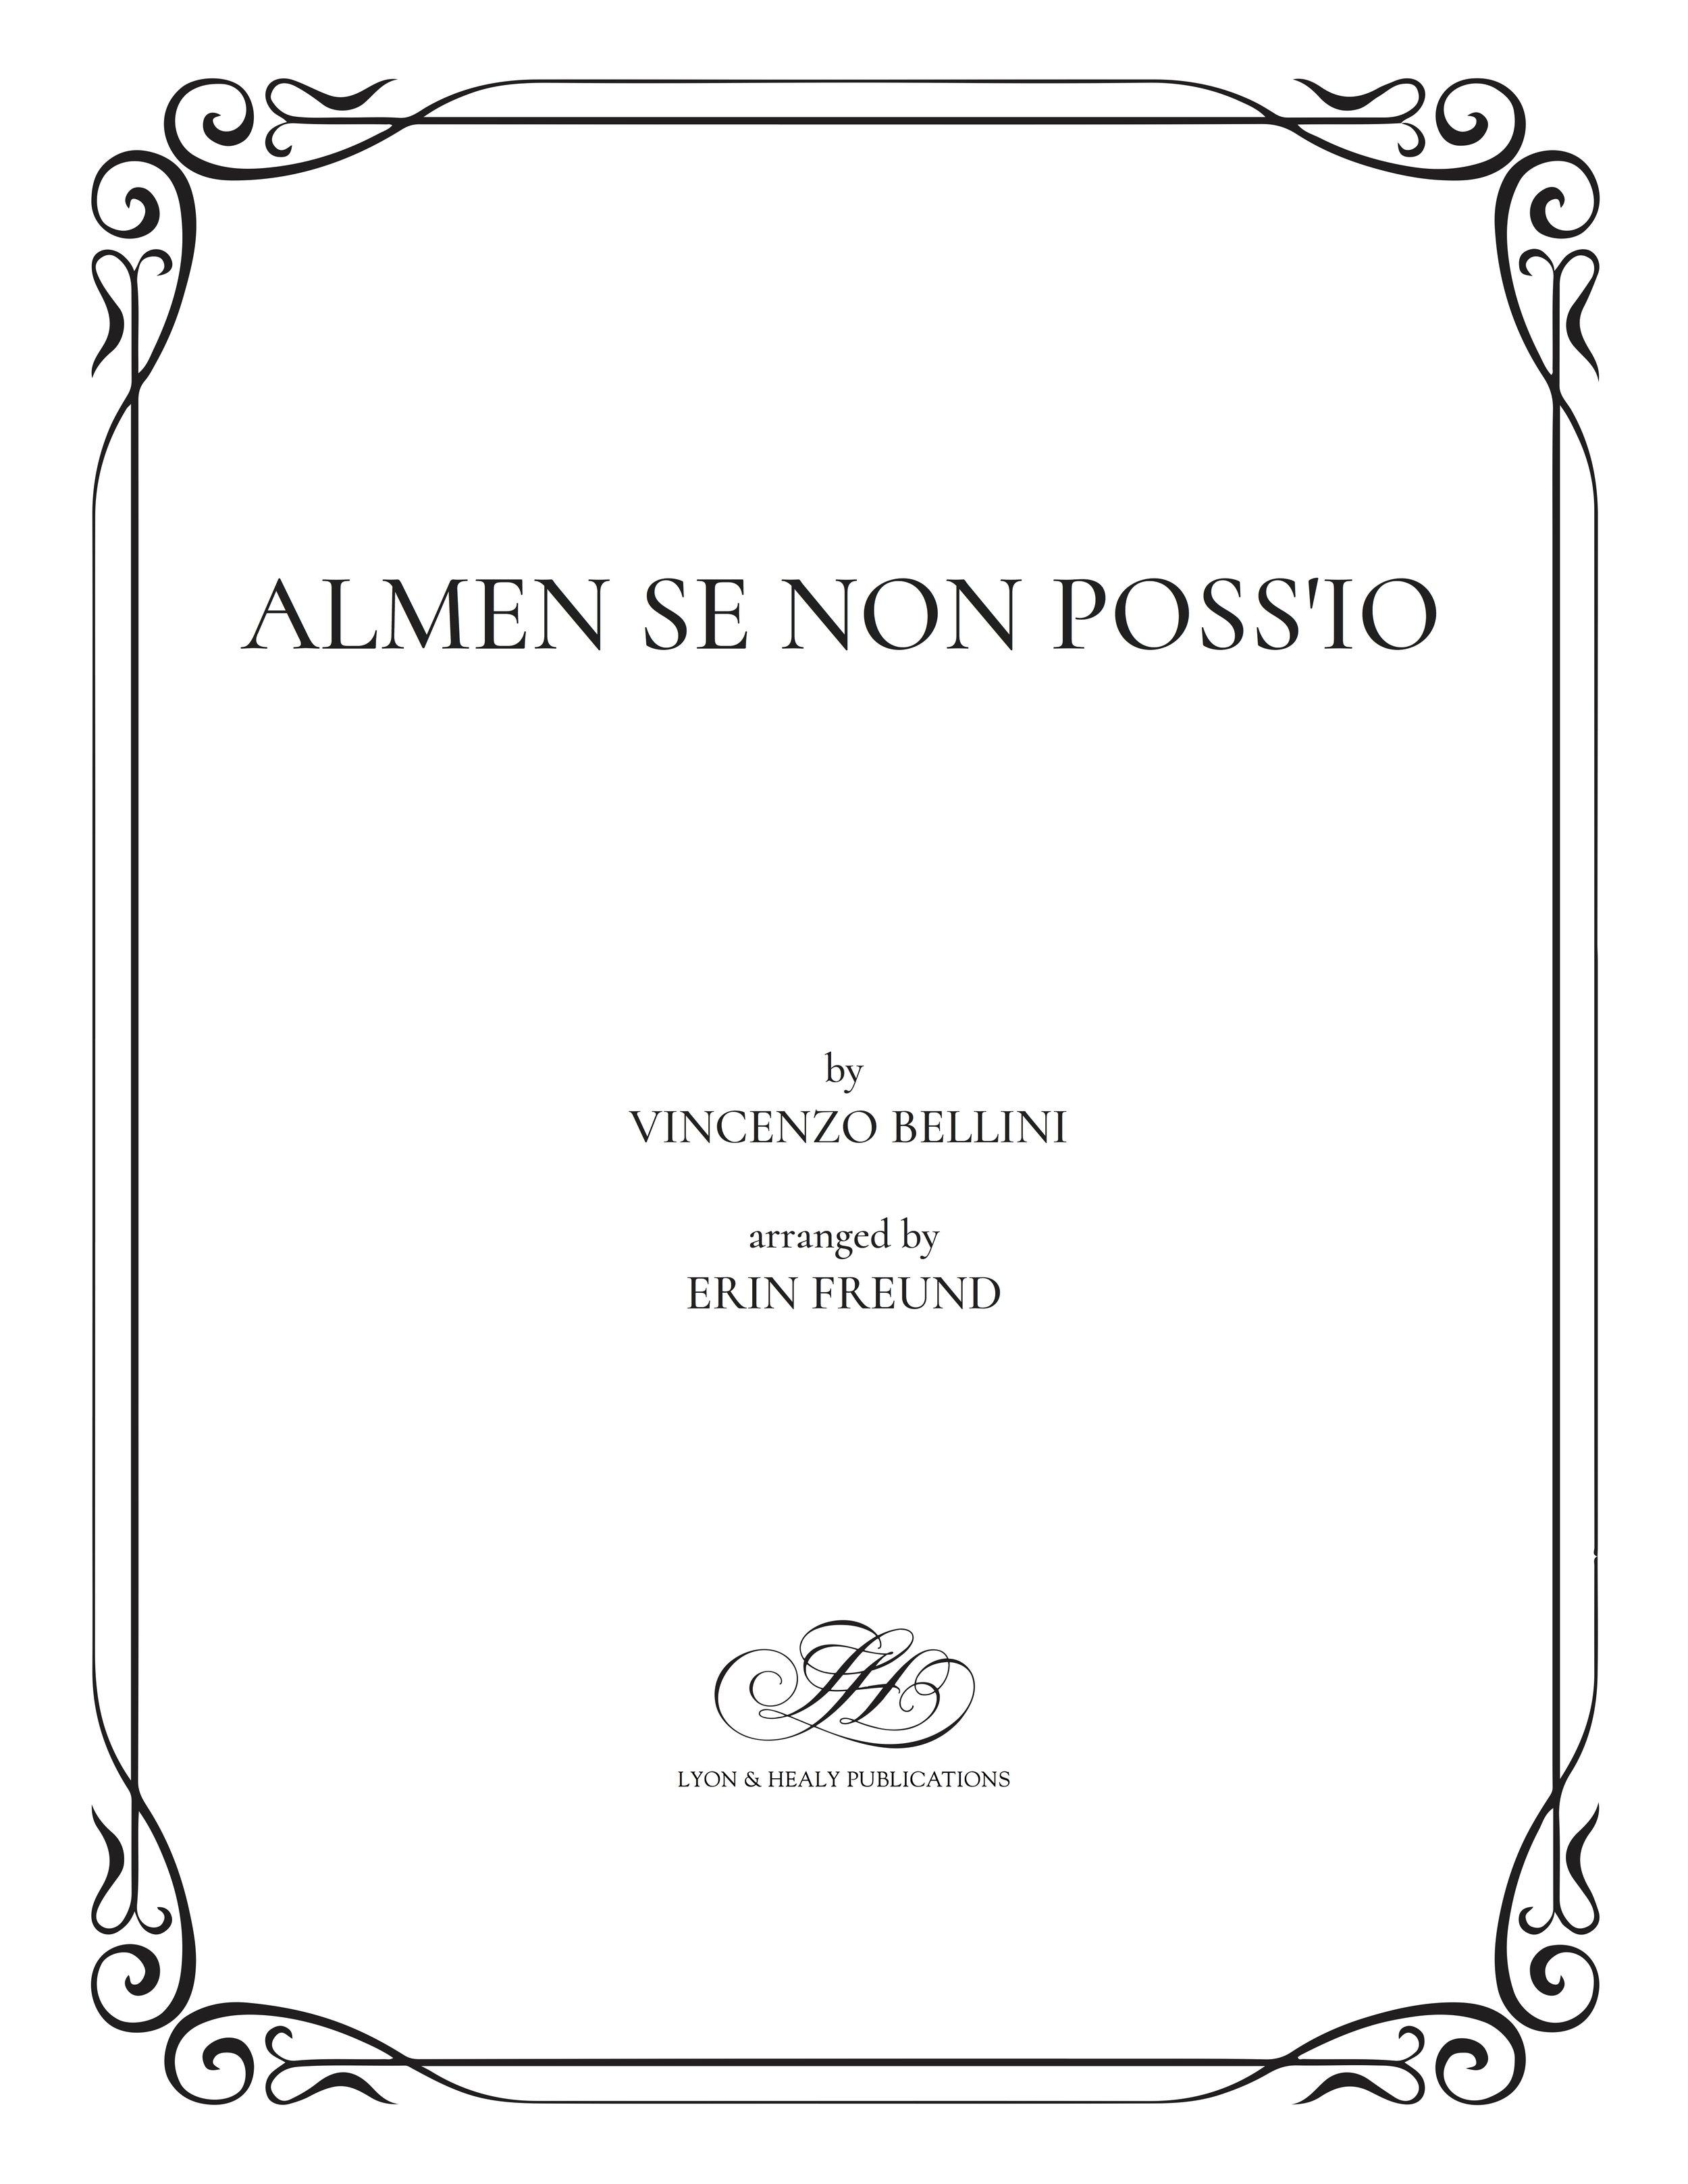 Almen se non poss'io - Bellini-Freund cover.jpg